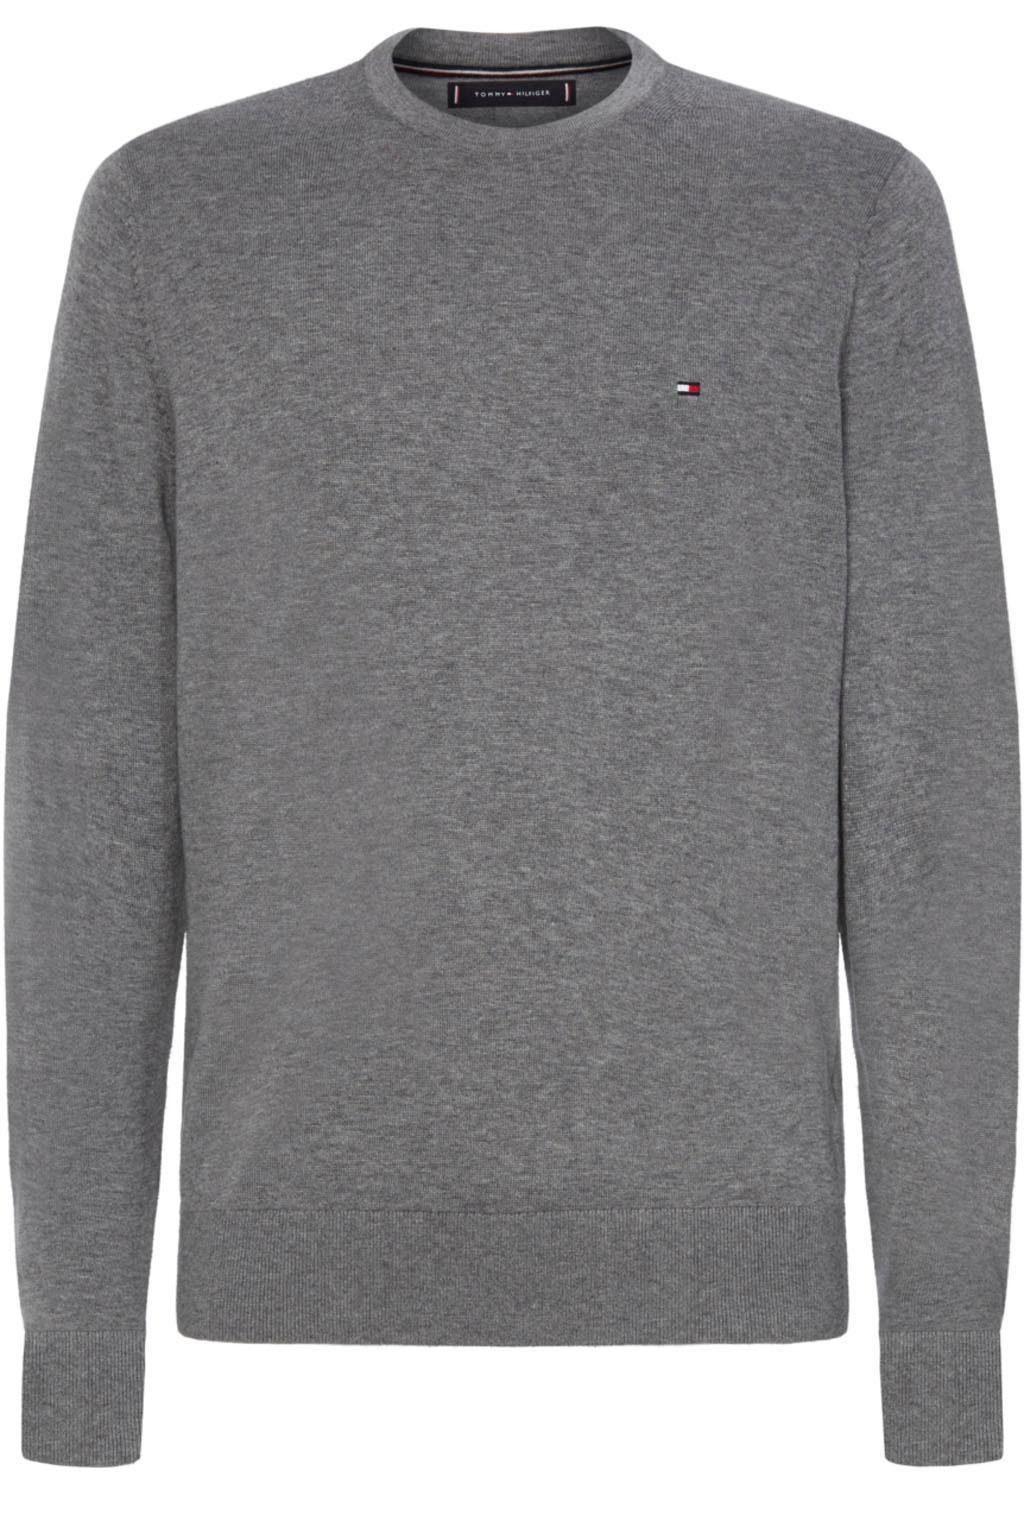 Tommy Hilfiger T Shirt aus Organic Cotton Silber meliert